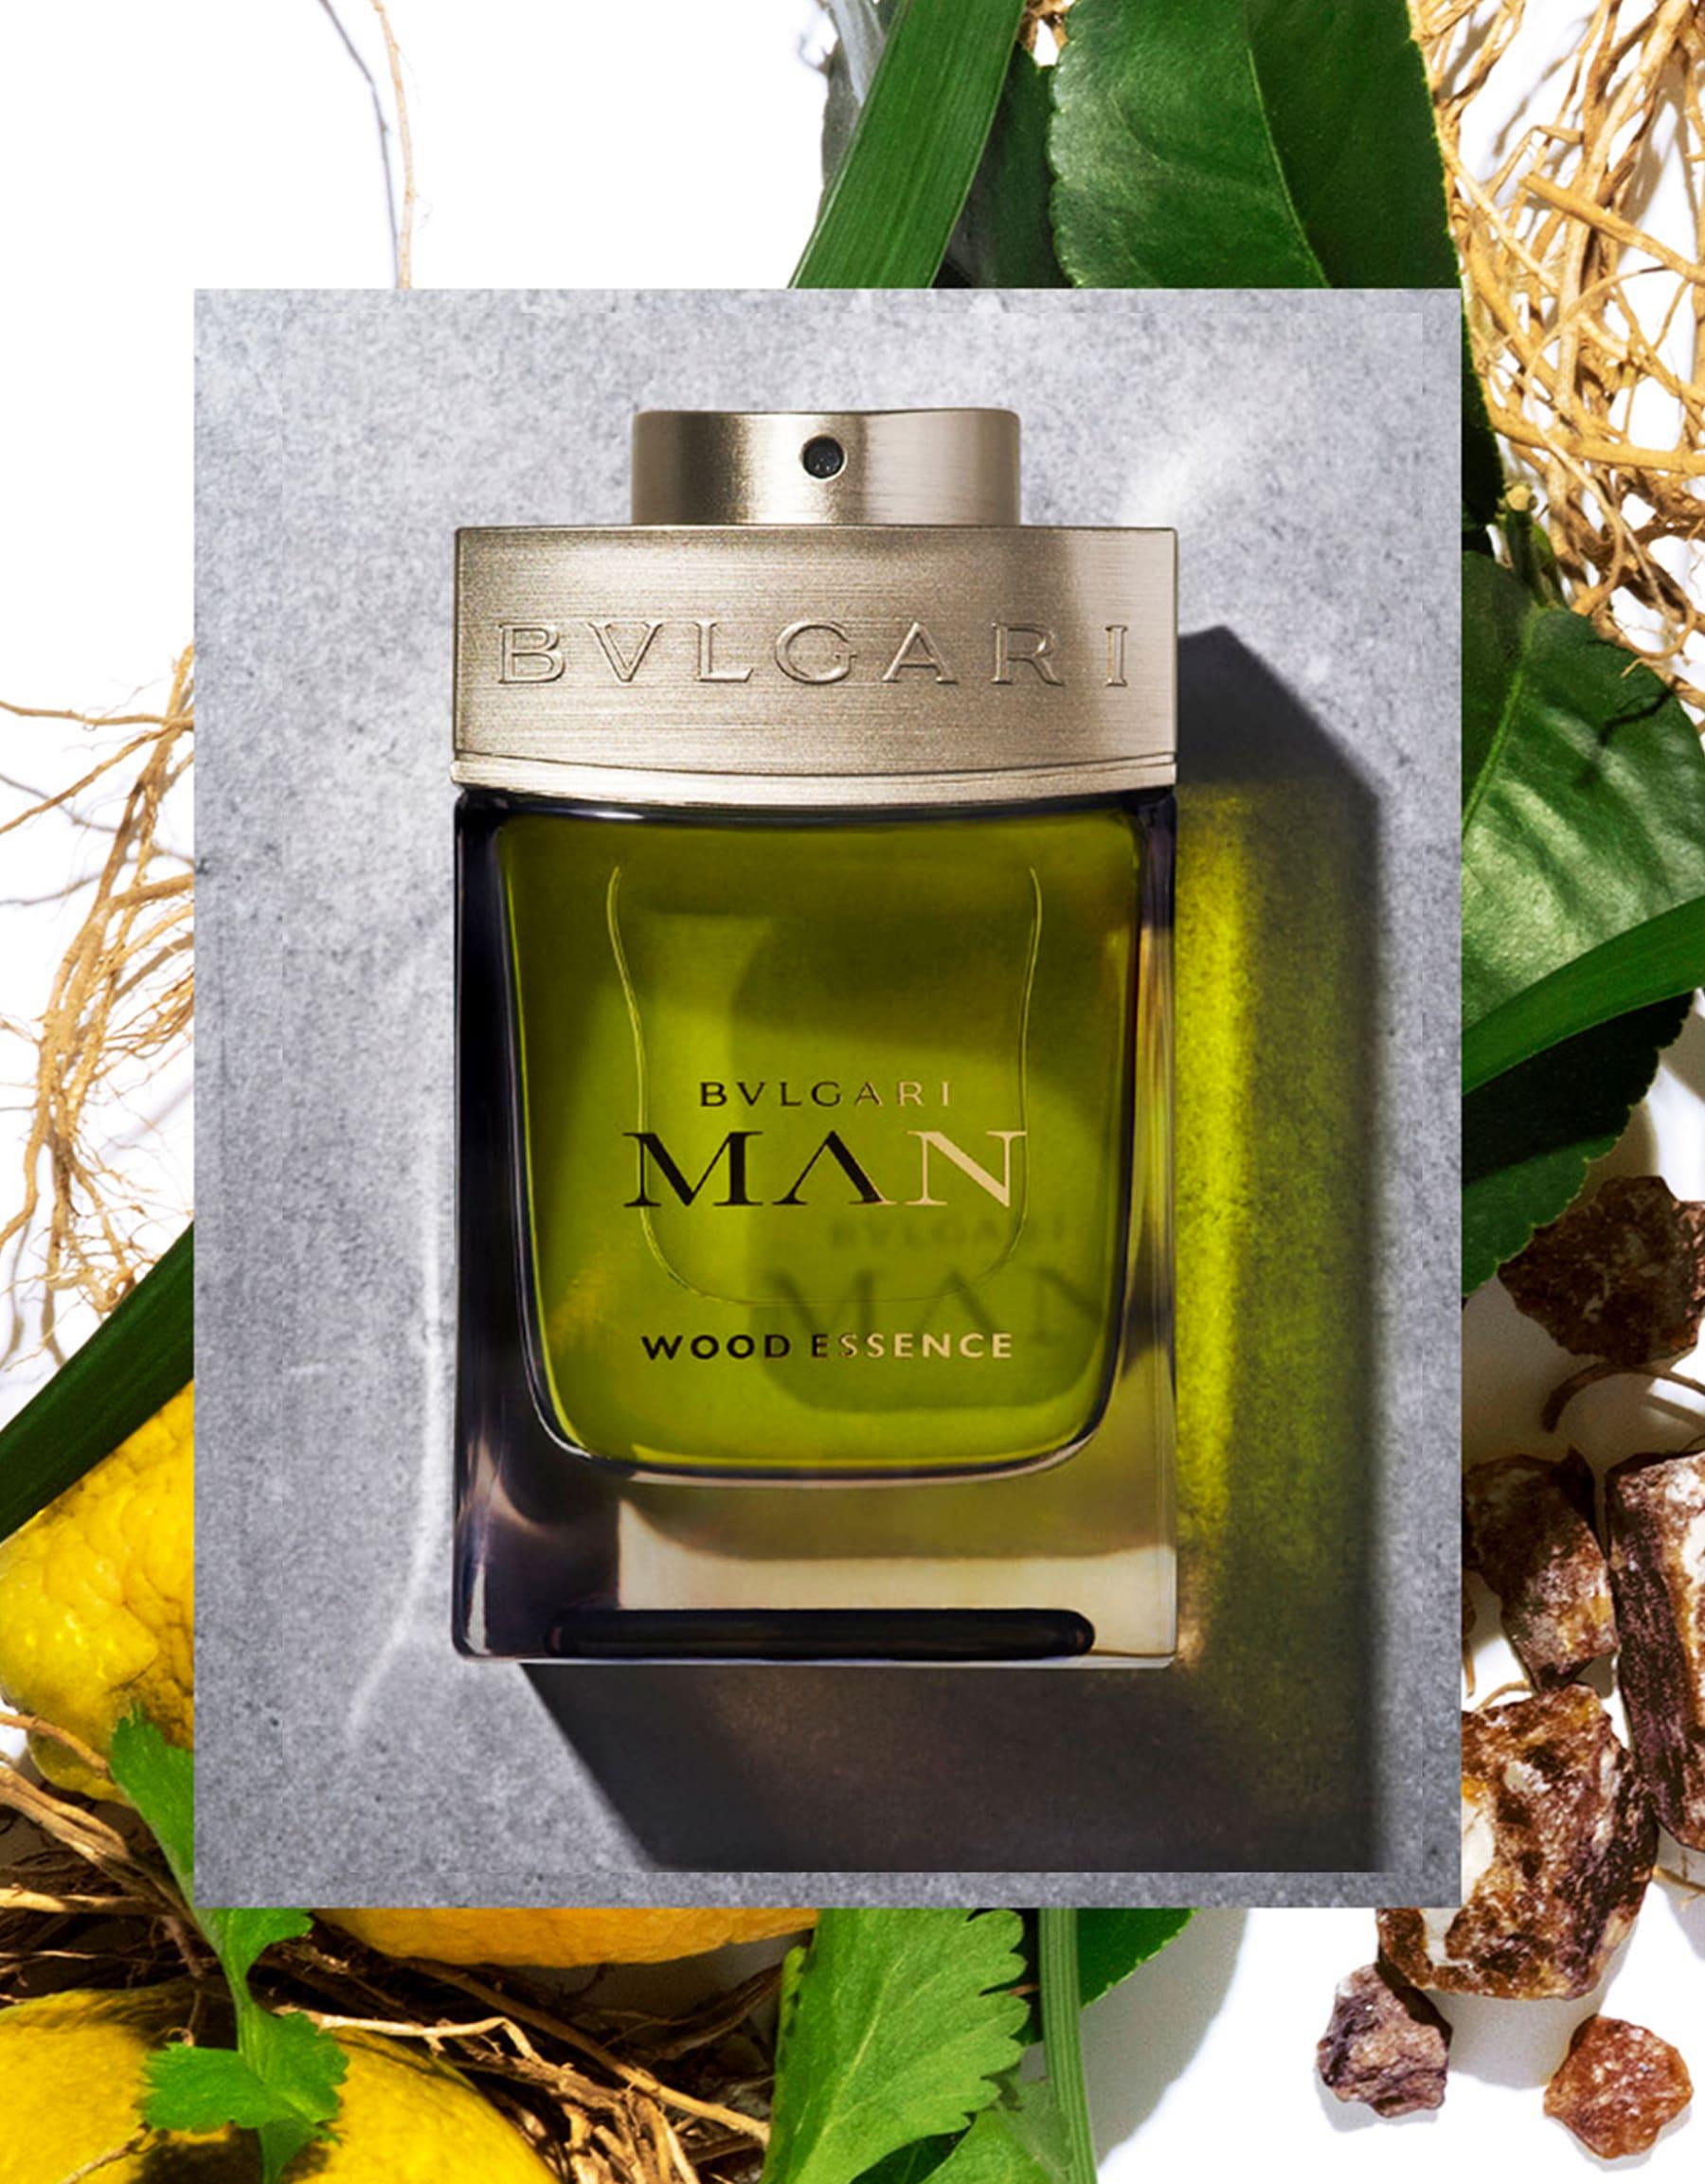 Une signature boisée nouvelle génération composée des essences les plus raffinées de la parfumerie – le cèdre, le cyprès et le vétiver – faisant écho aux notes chaudes et ensoleillées des résines de benjoin 46100 image 4